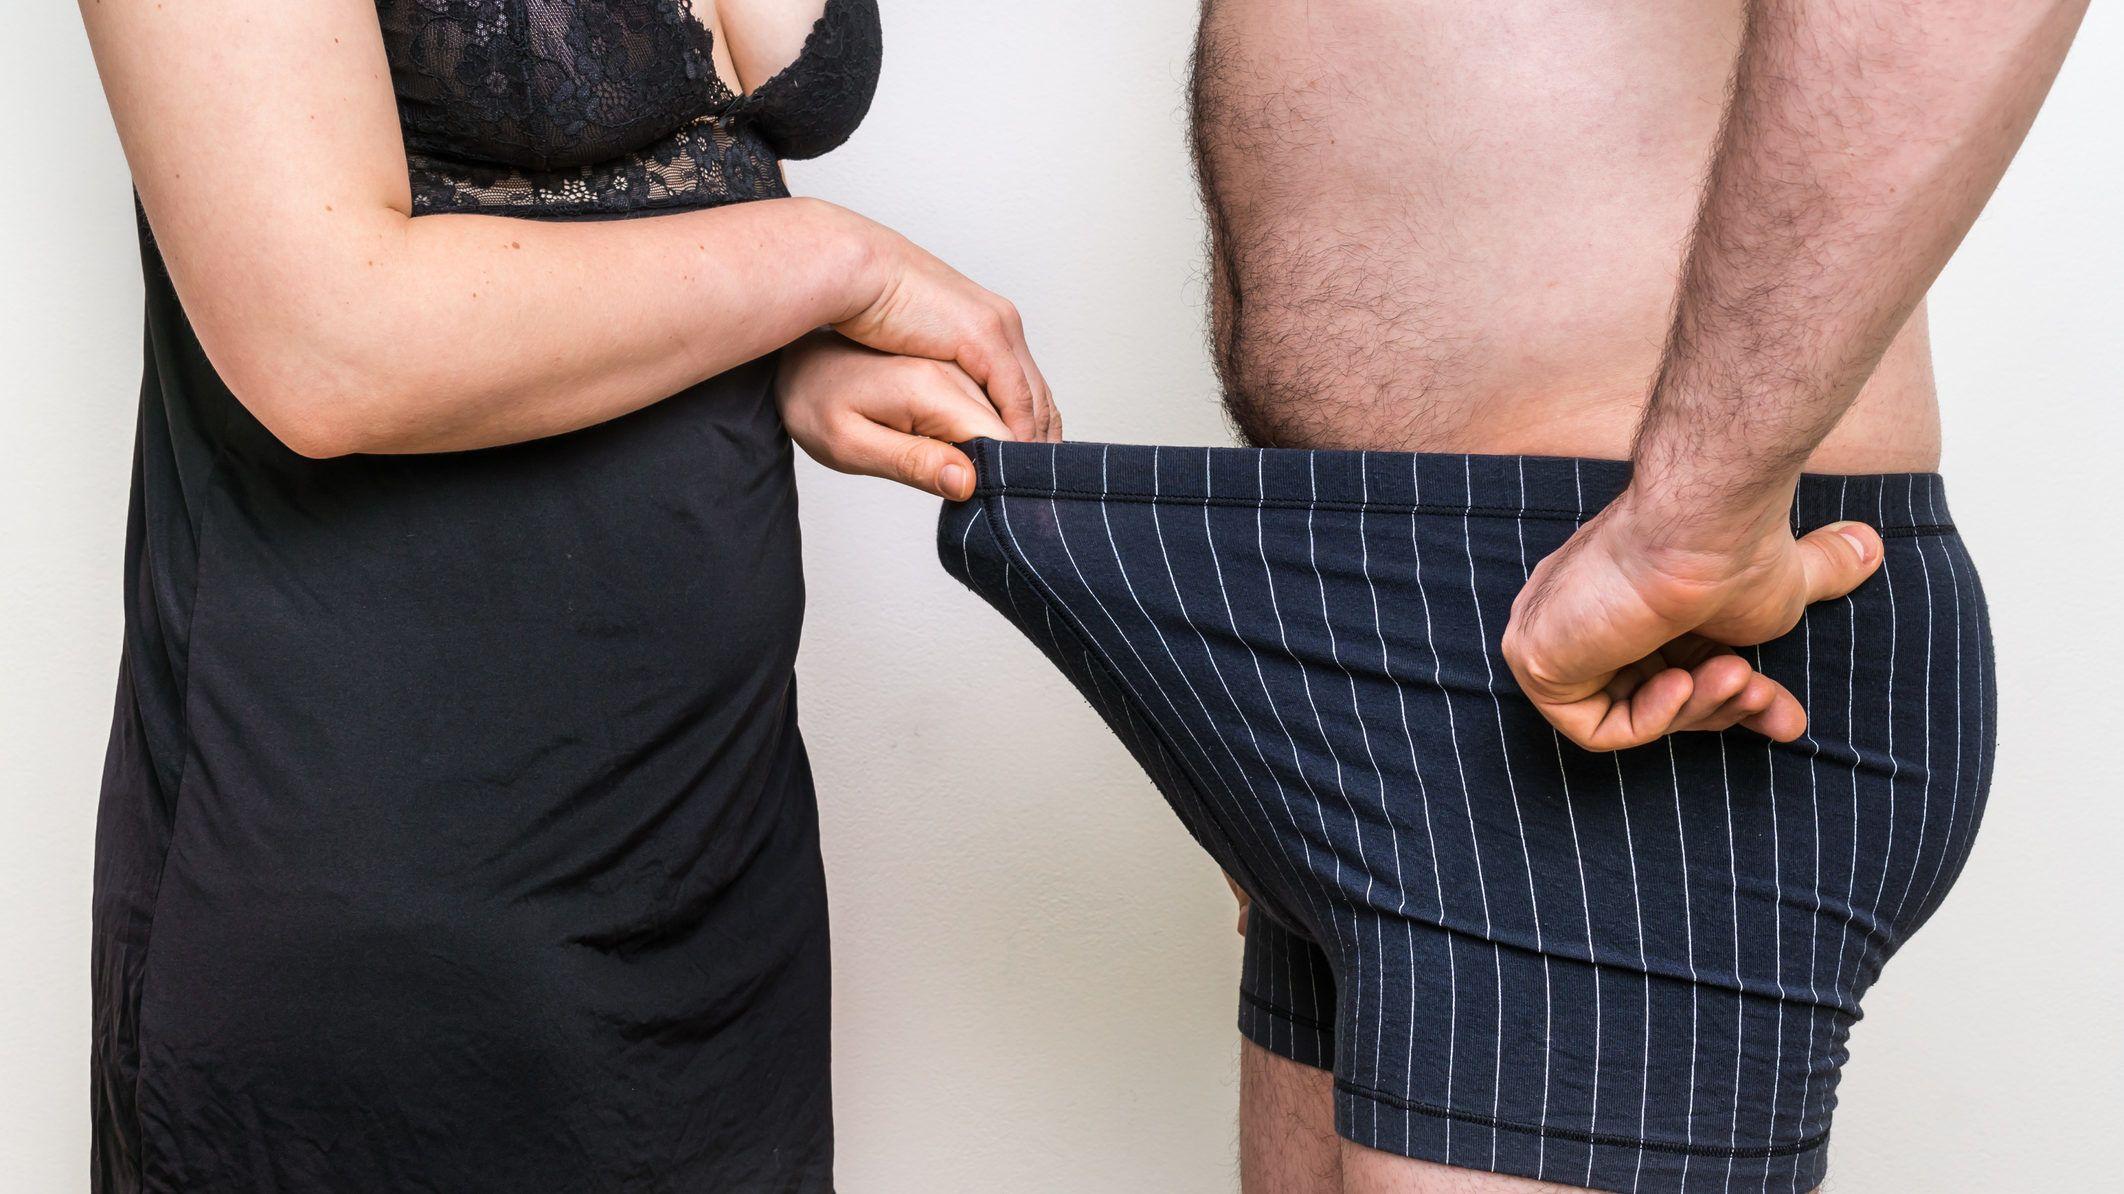 Kiderült, mekkora az ideális péniszméret a nők szerint | magneses-ekszer.hu